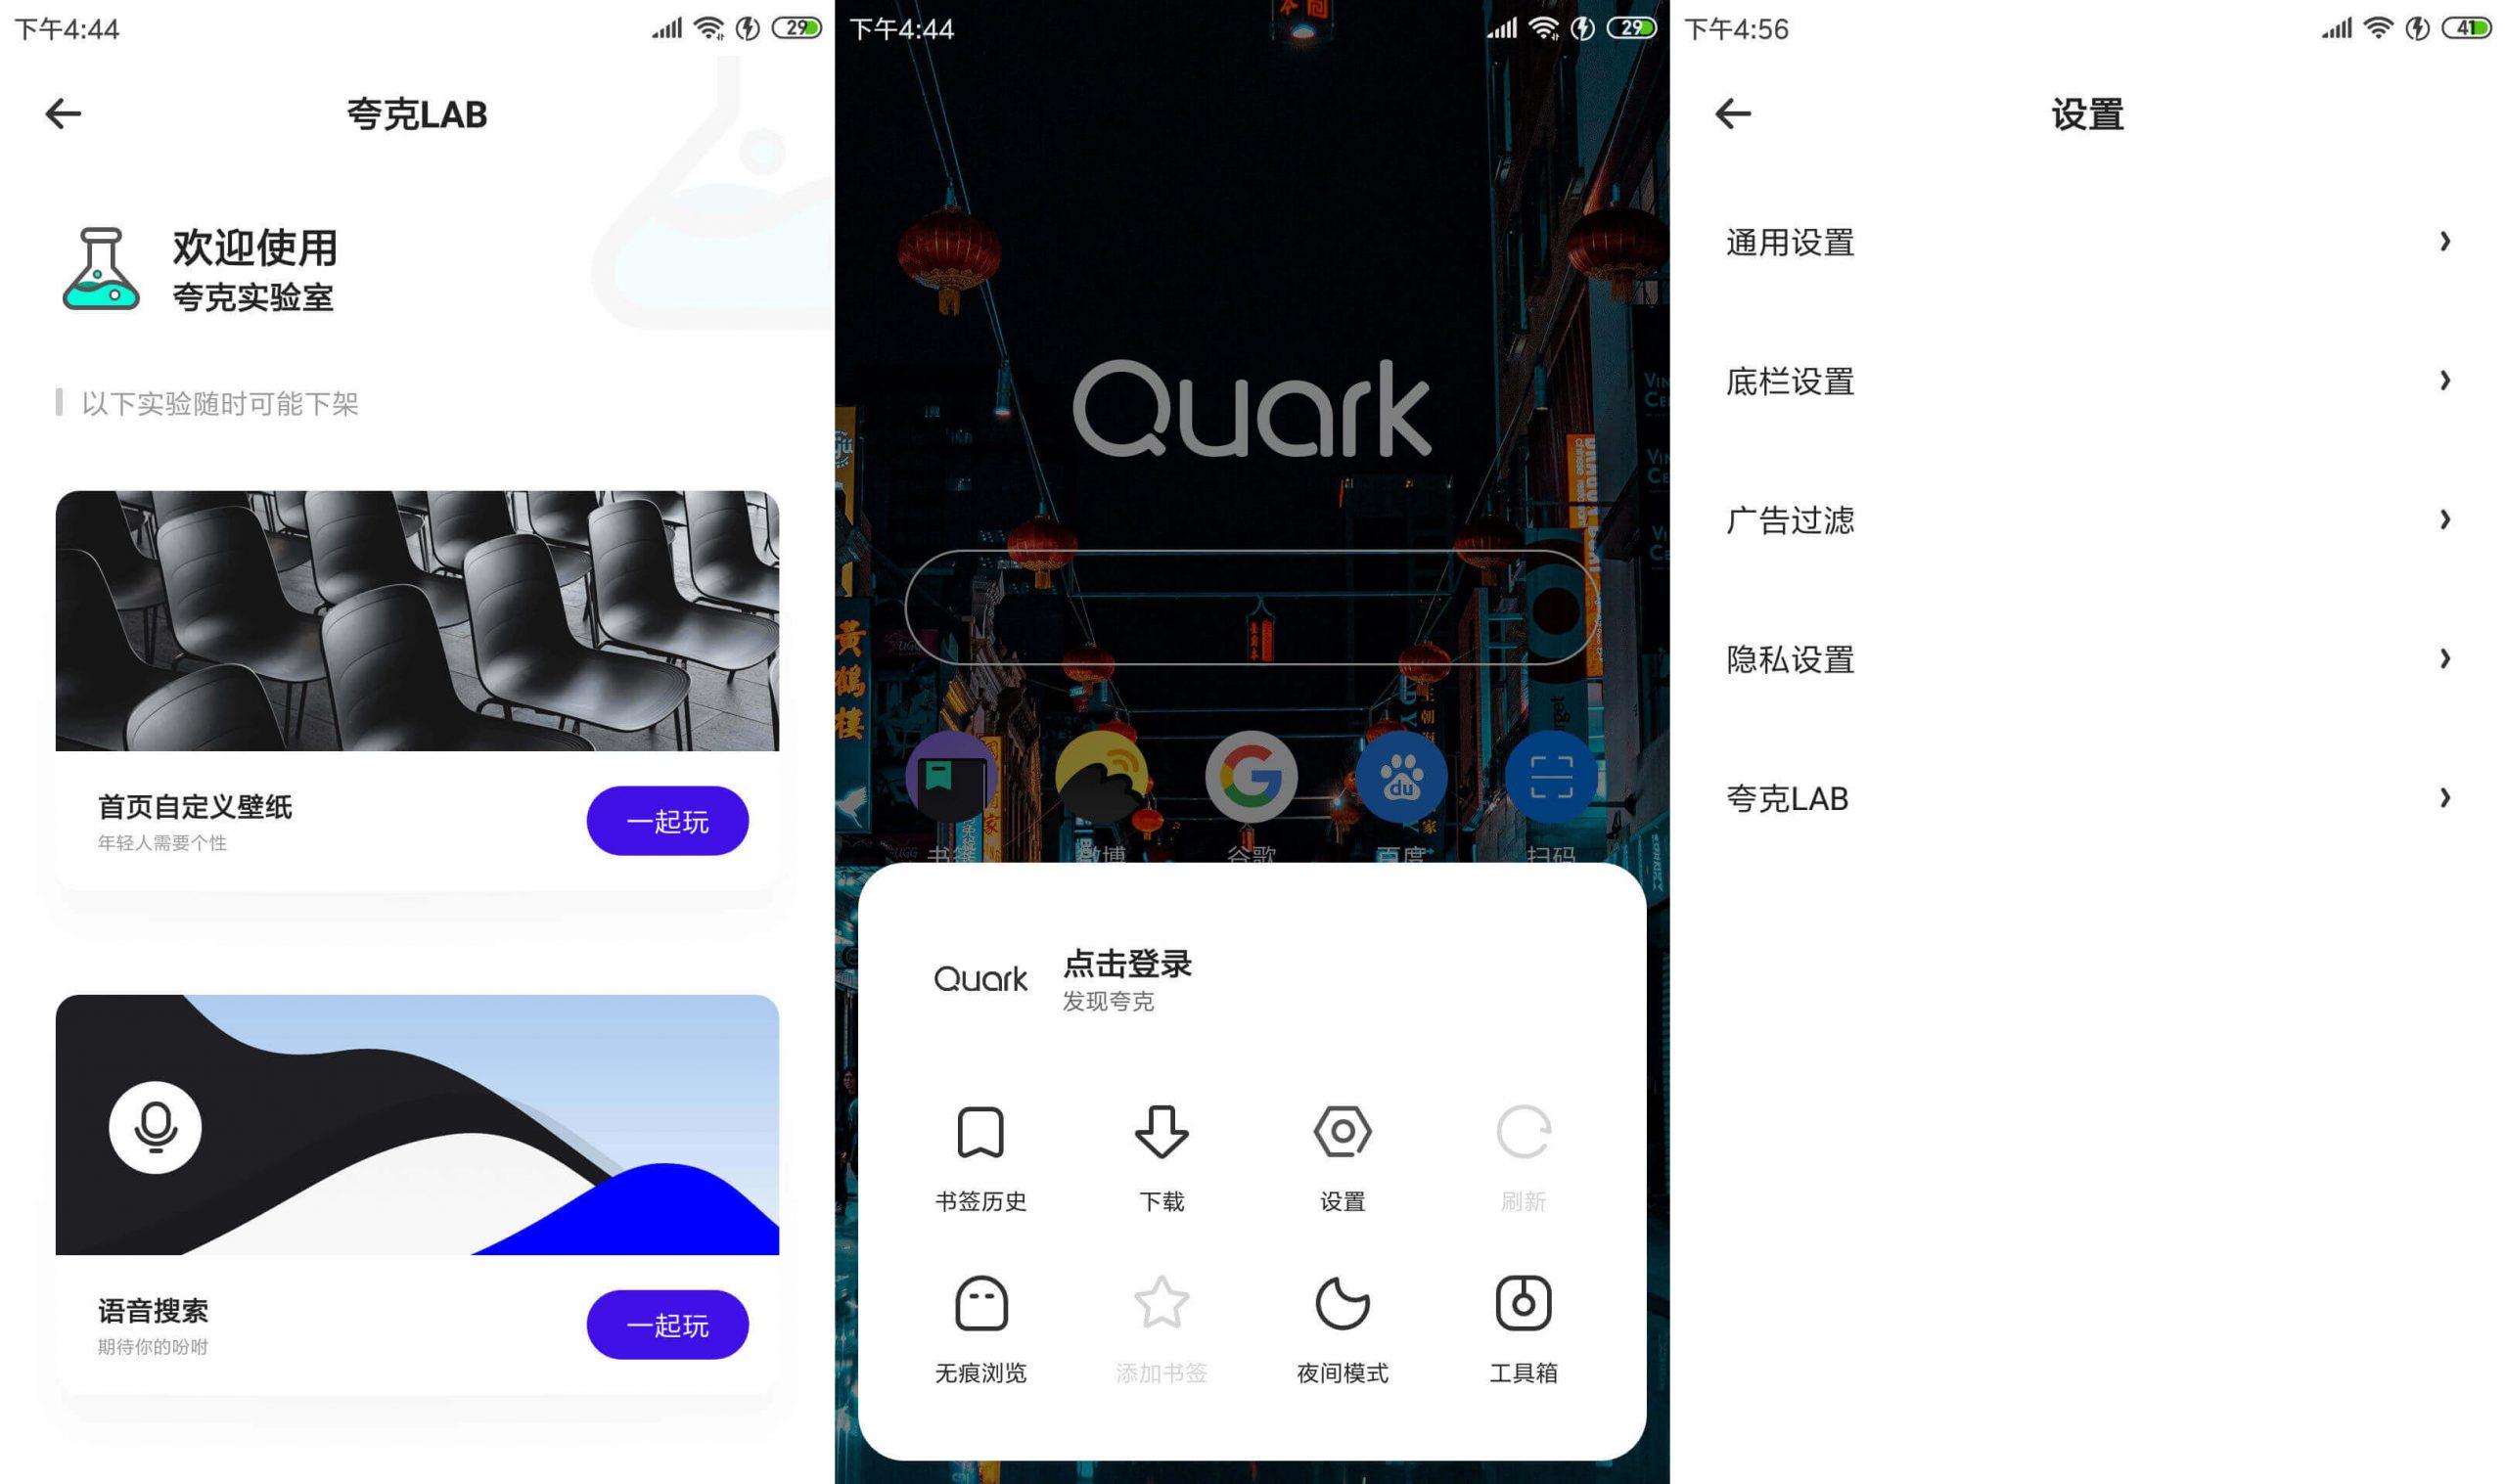 夸克浏览器更网页流畅 AI引擎智能识图去广告